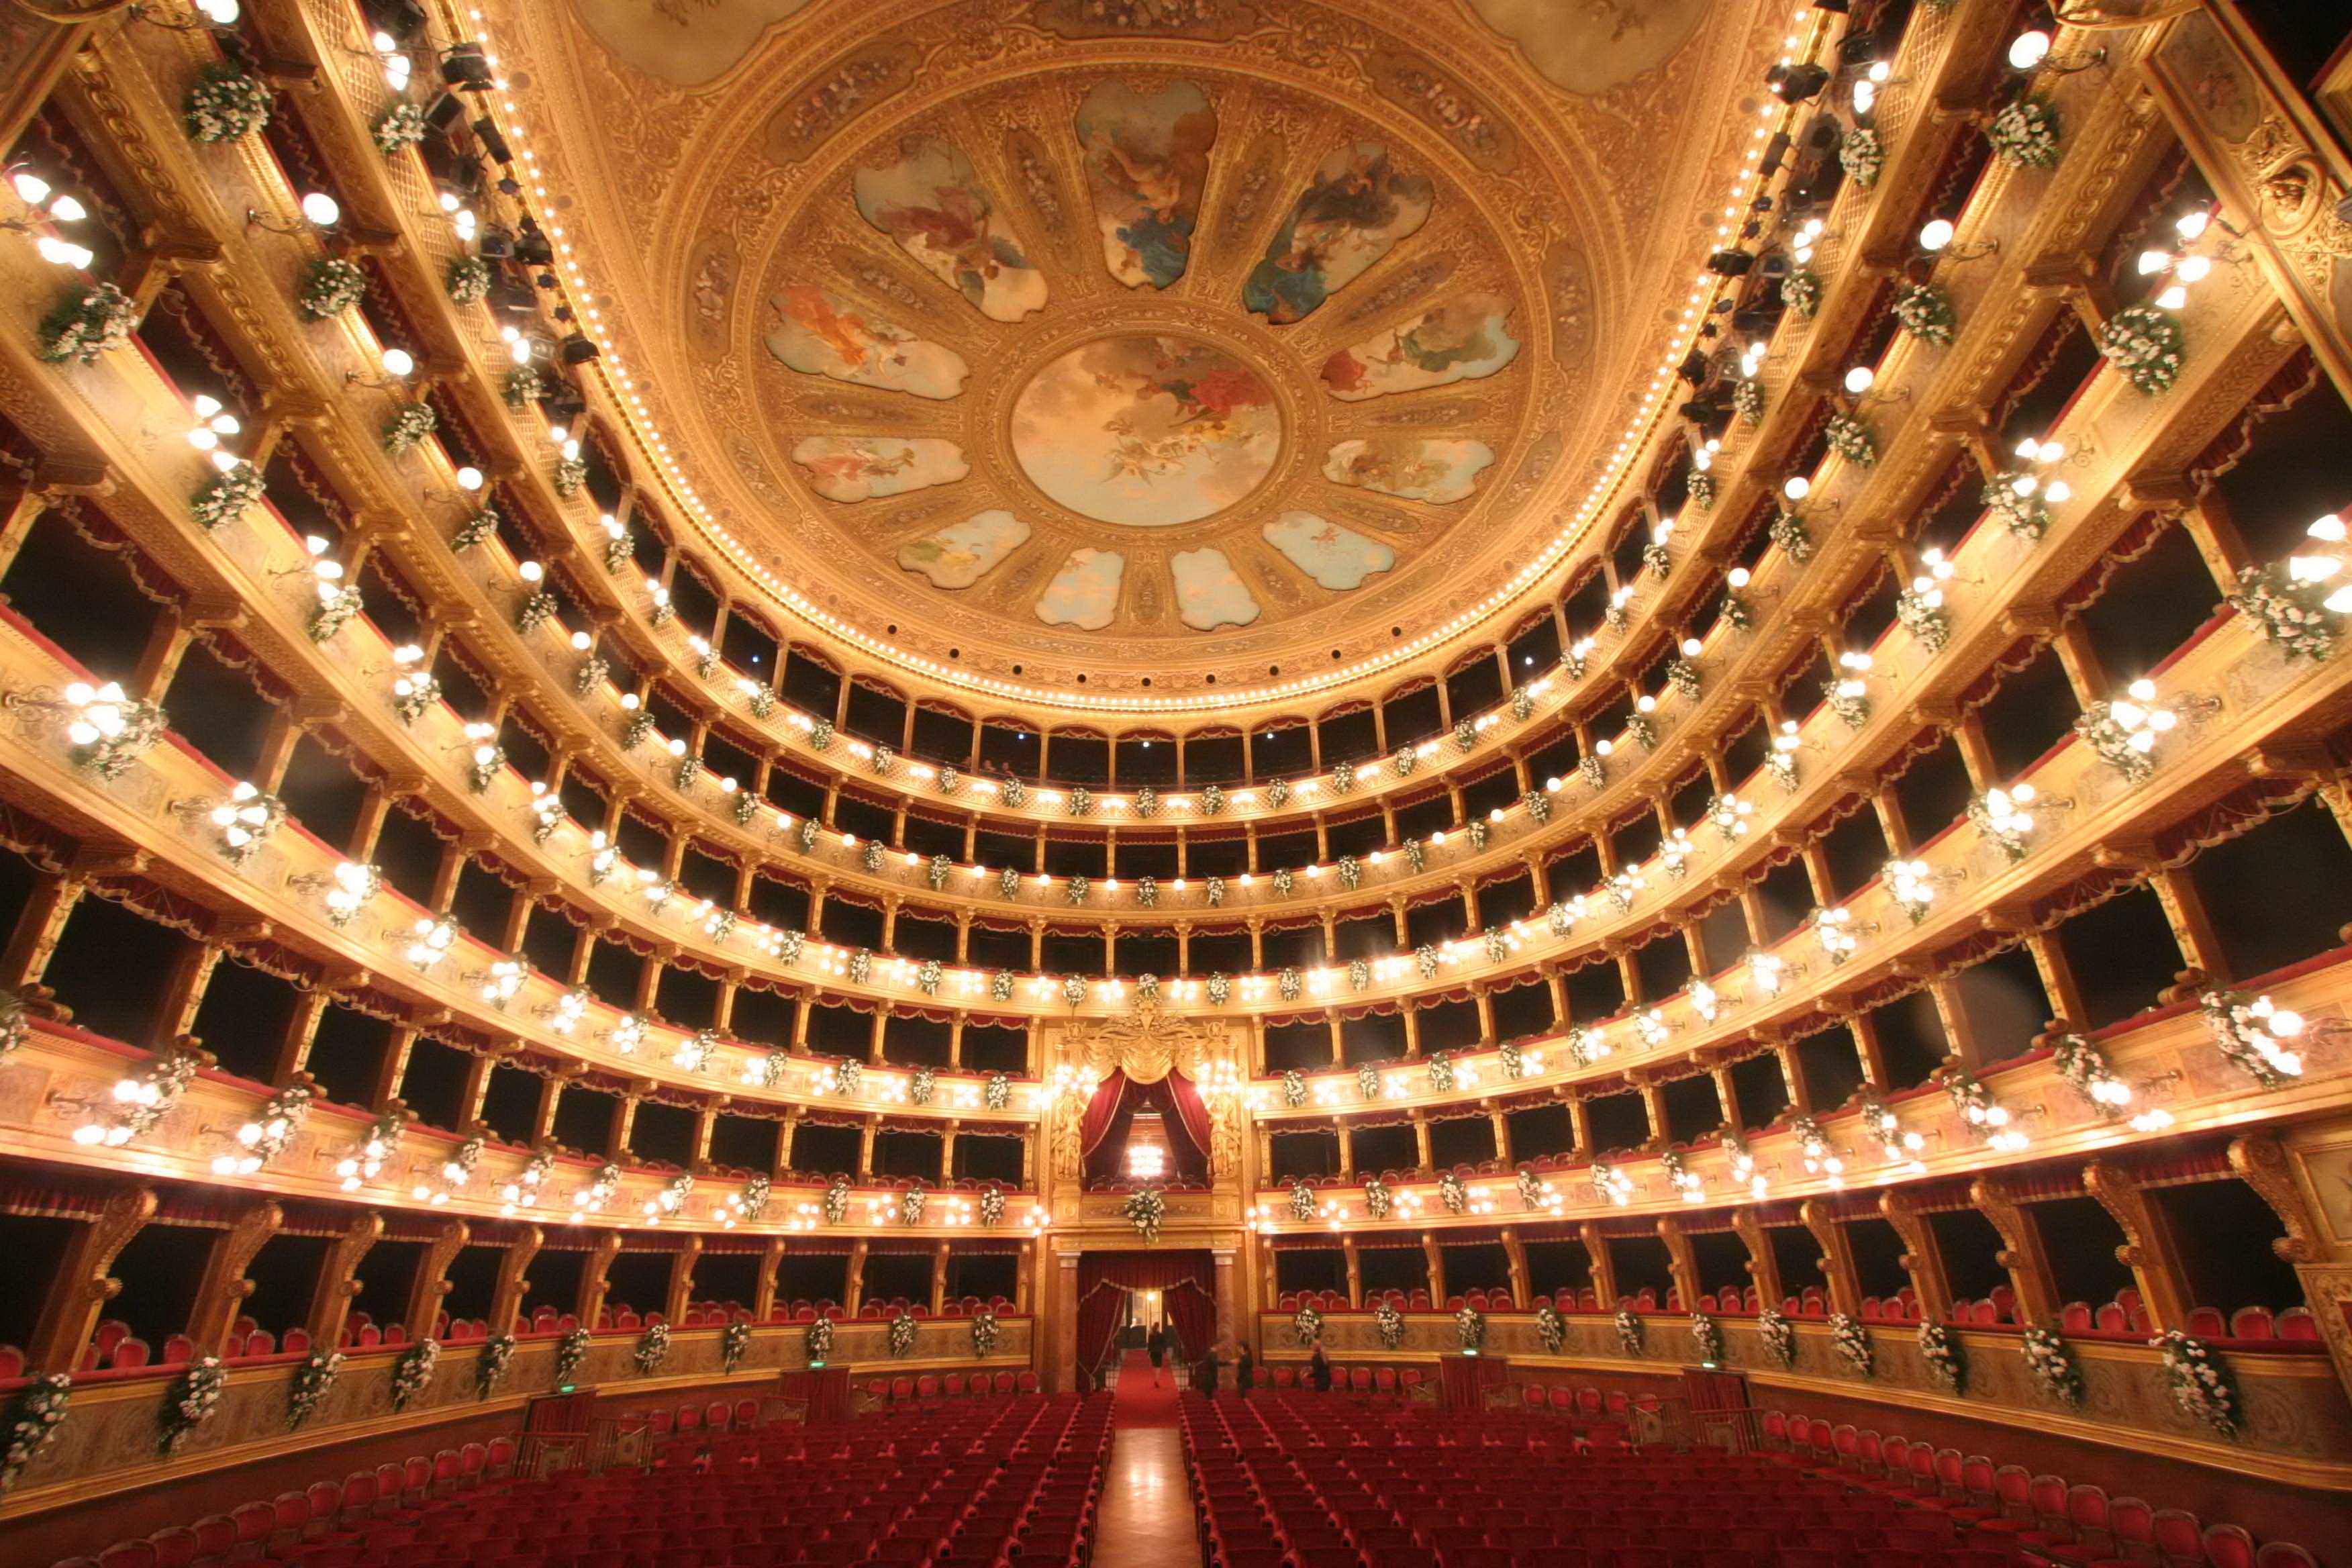 Teatro massimo 7 progetti e 20 milioni per il restauro ma - Costo ascensore interno 1 piano ...